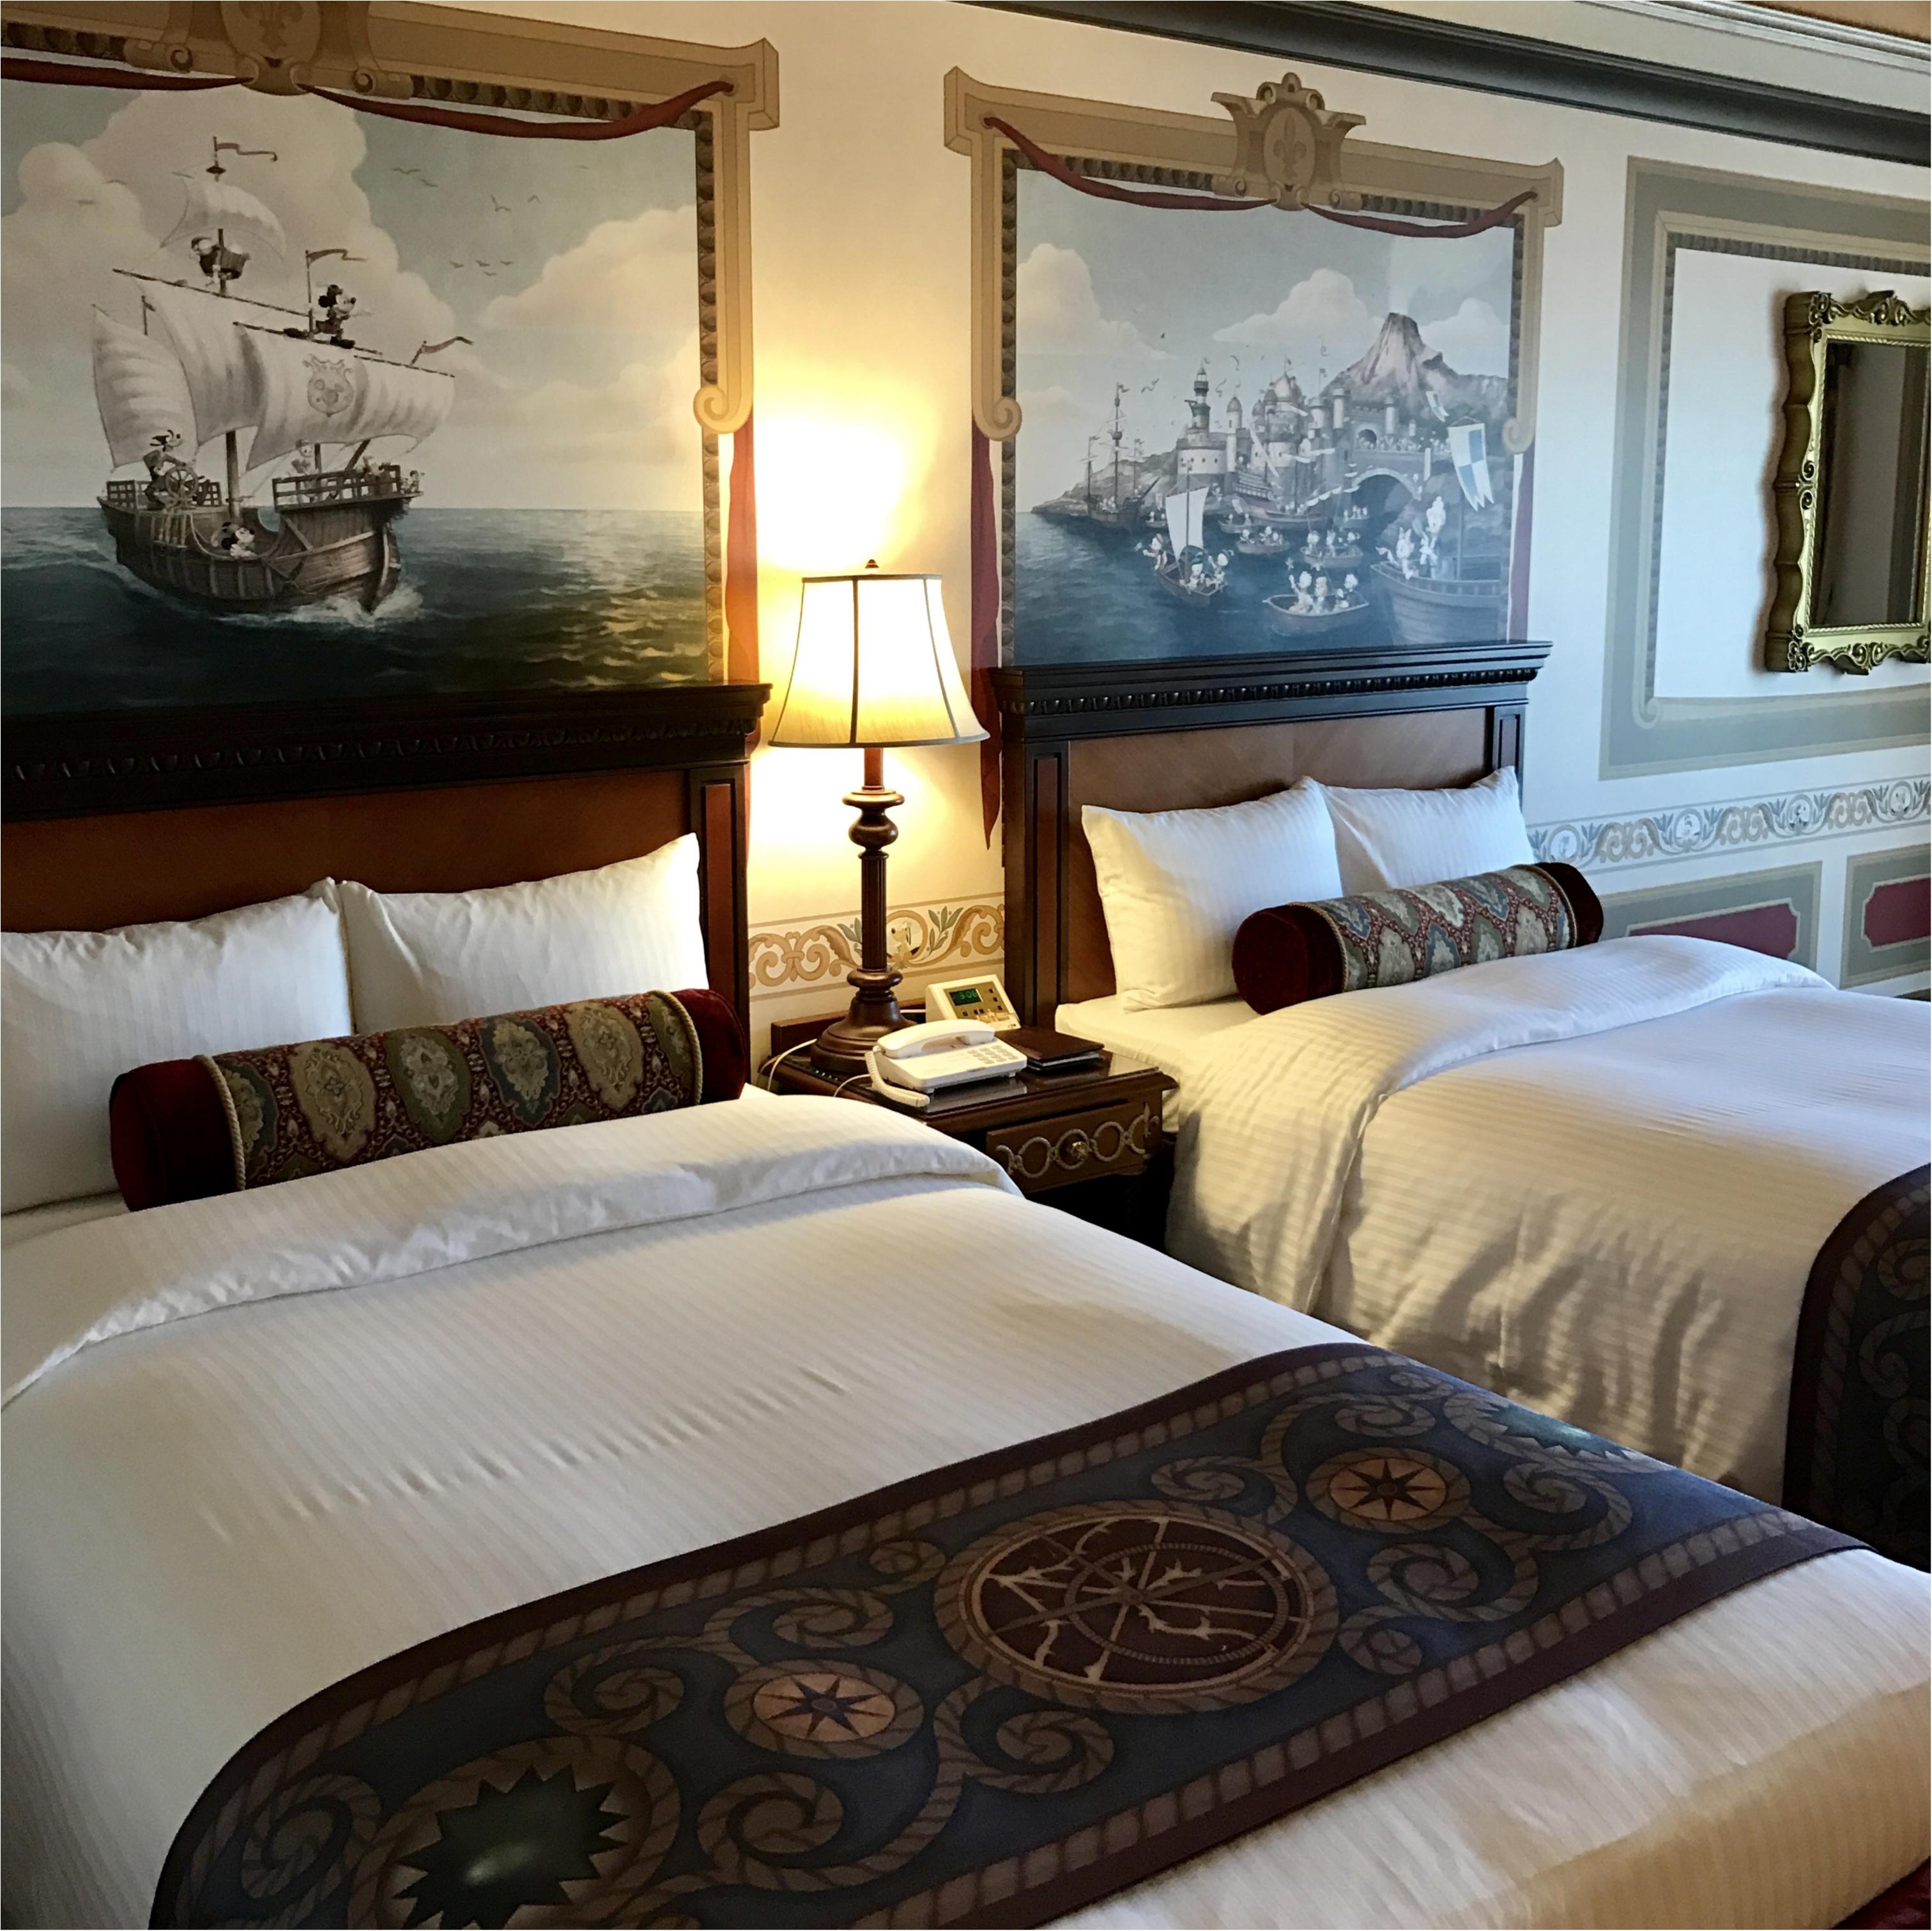 【夢のお泊まりディズニー♡】ホテルミラコスタの魅力をたっぷりご紹介します(*´꒳`*)_2